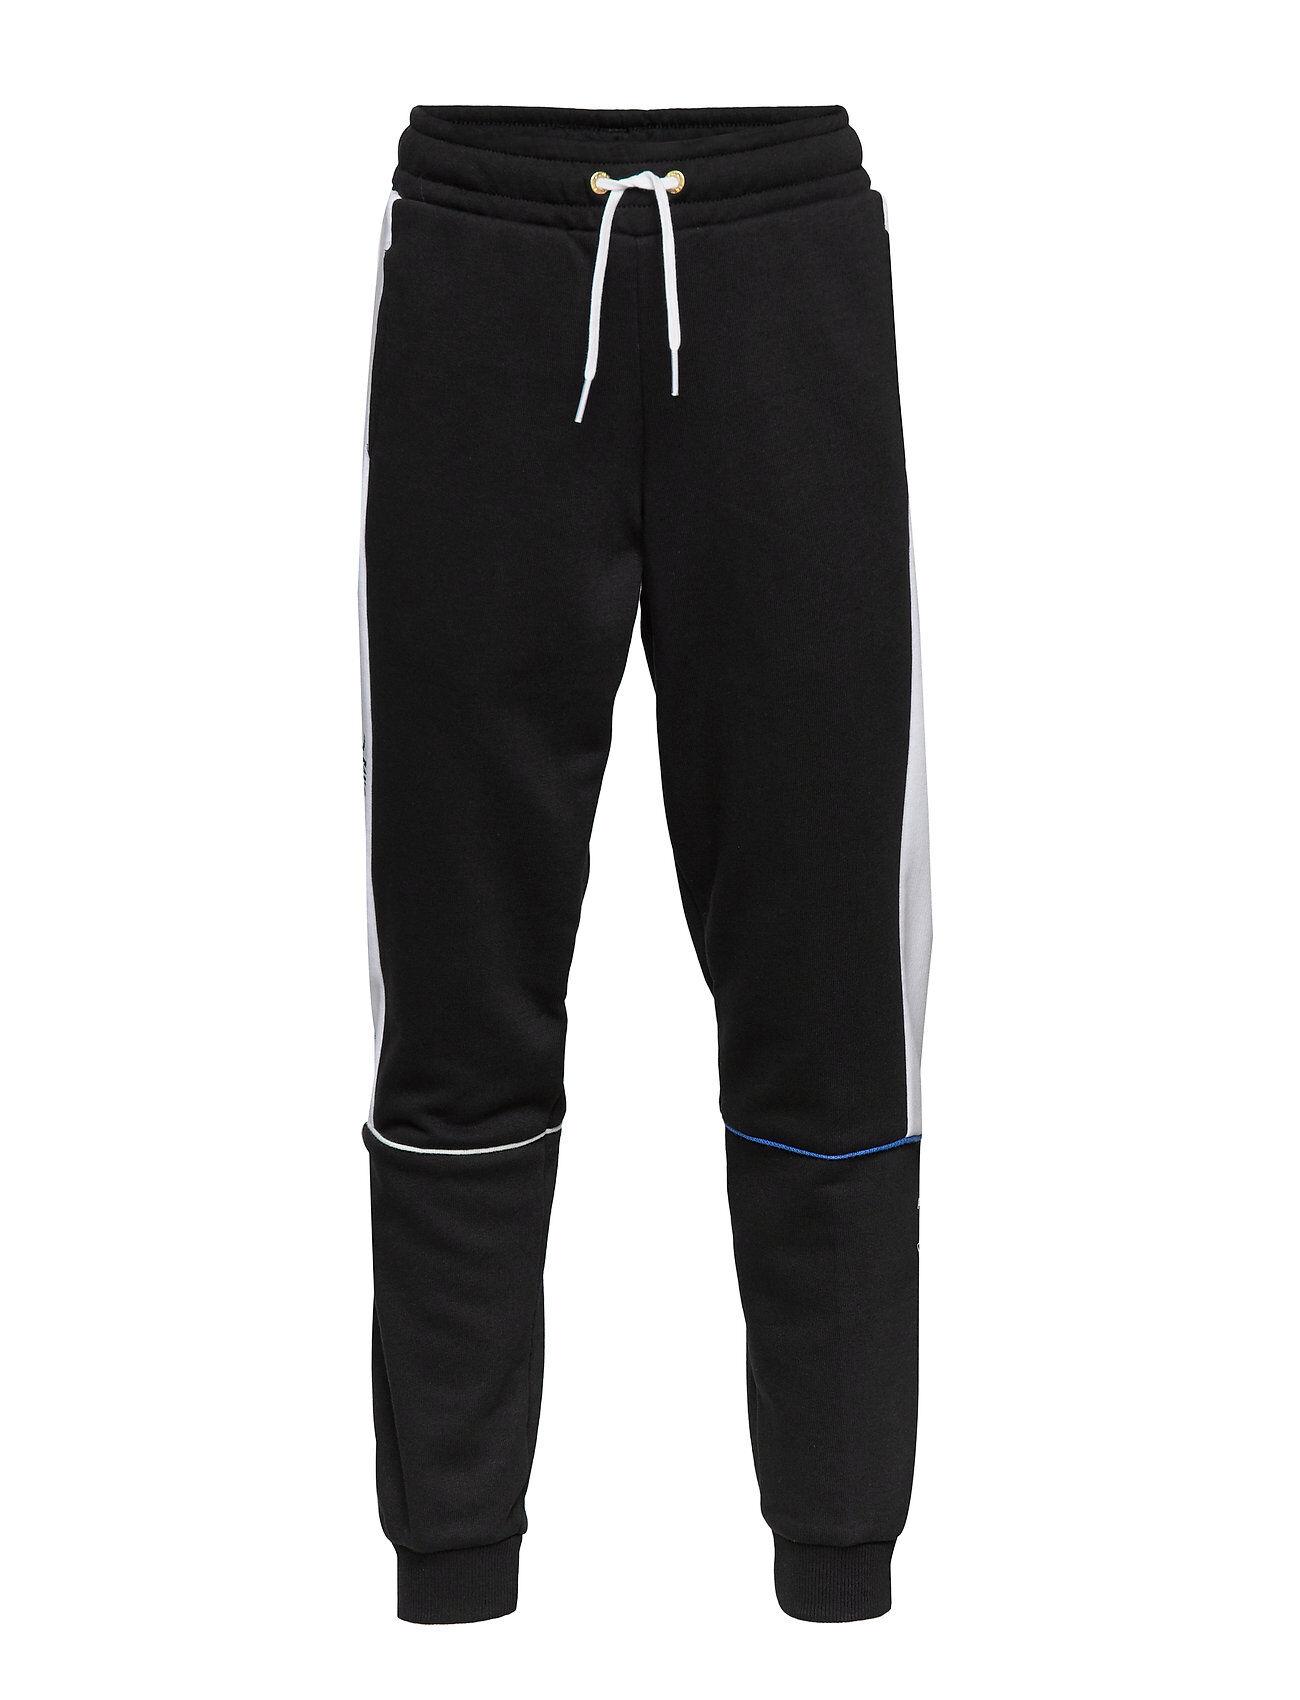 Puma X Sega Sweat Pants Tr Cl B Collegehousut Olohousut Musta PUMA